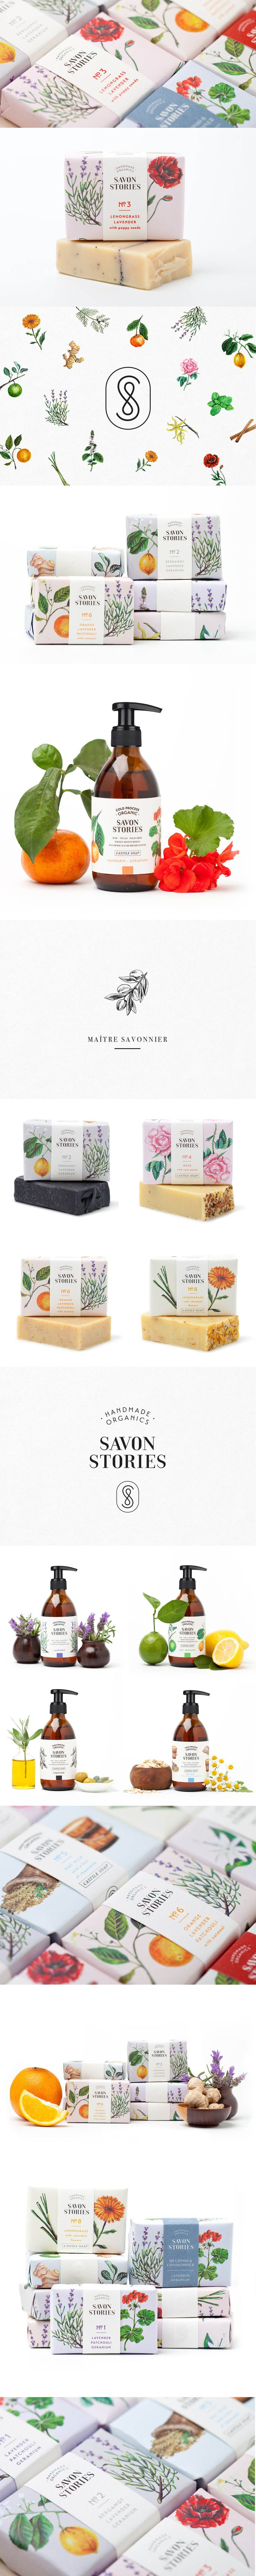 Savon Stories Packaging Design